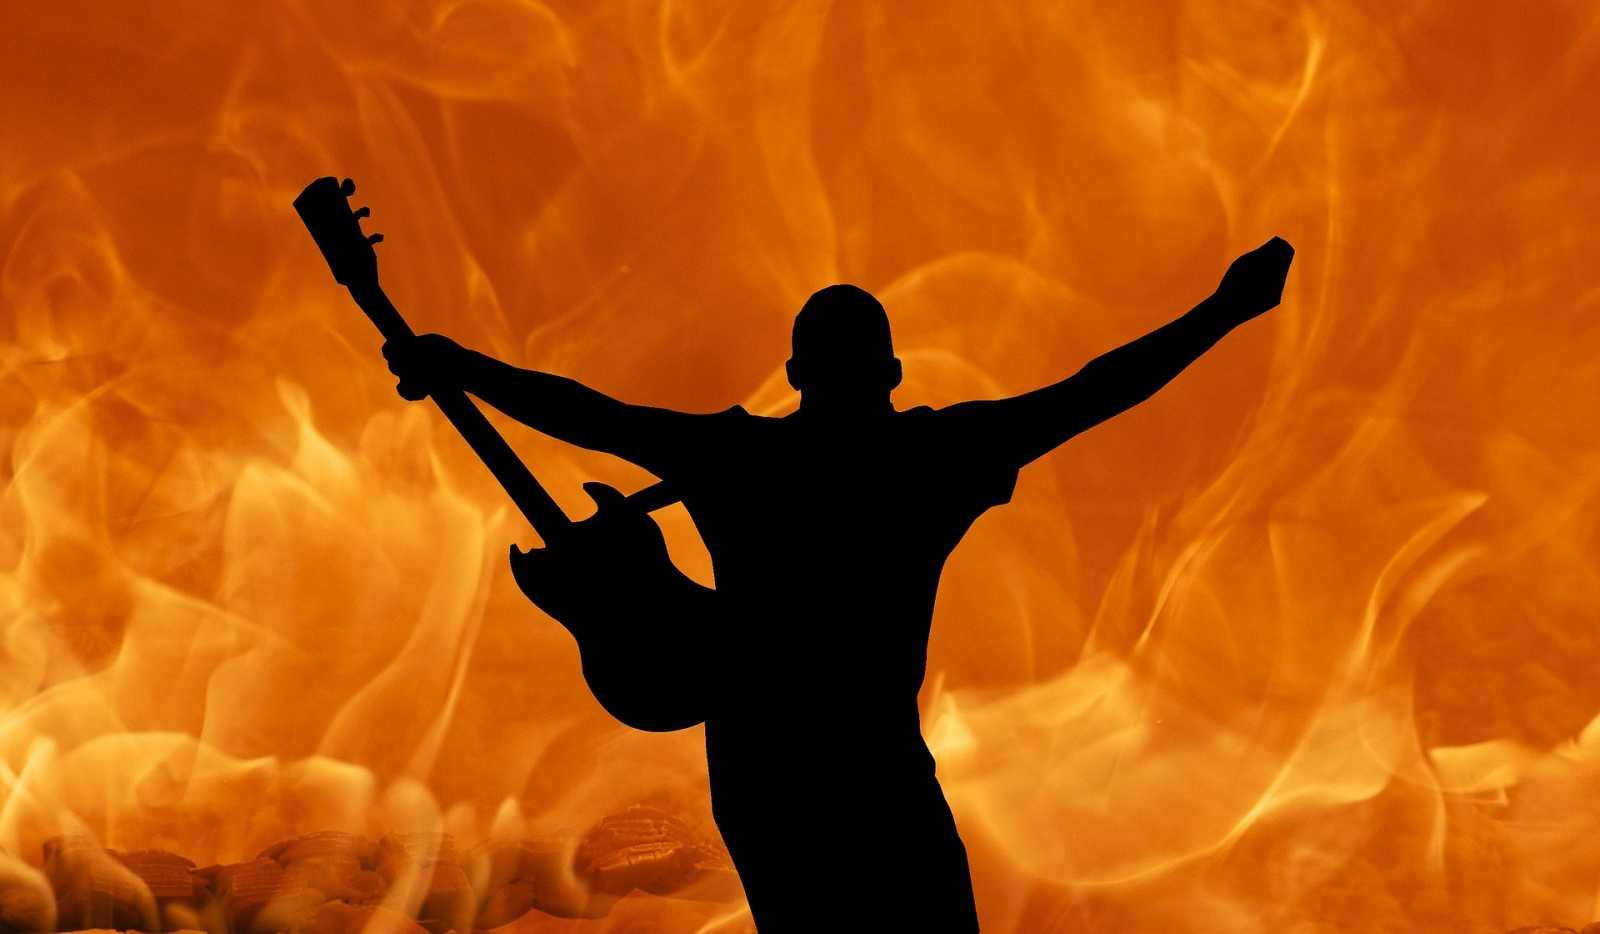 La Púa de Radio 3 Extra - Festivales de Rock en España - 01/05/21 - escuchar ahora